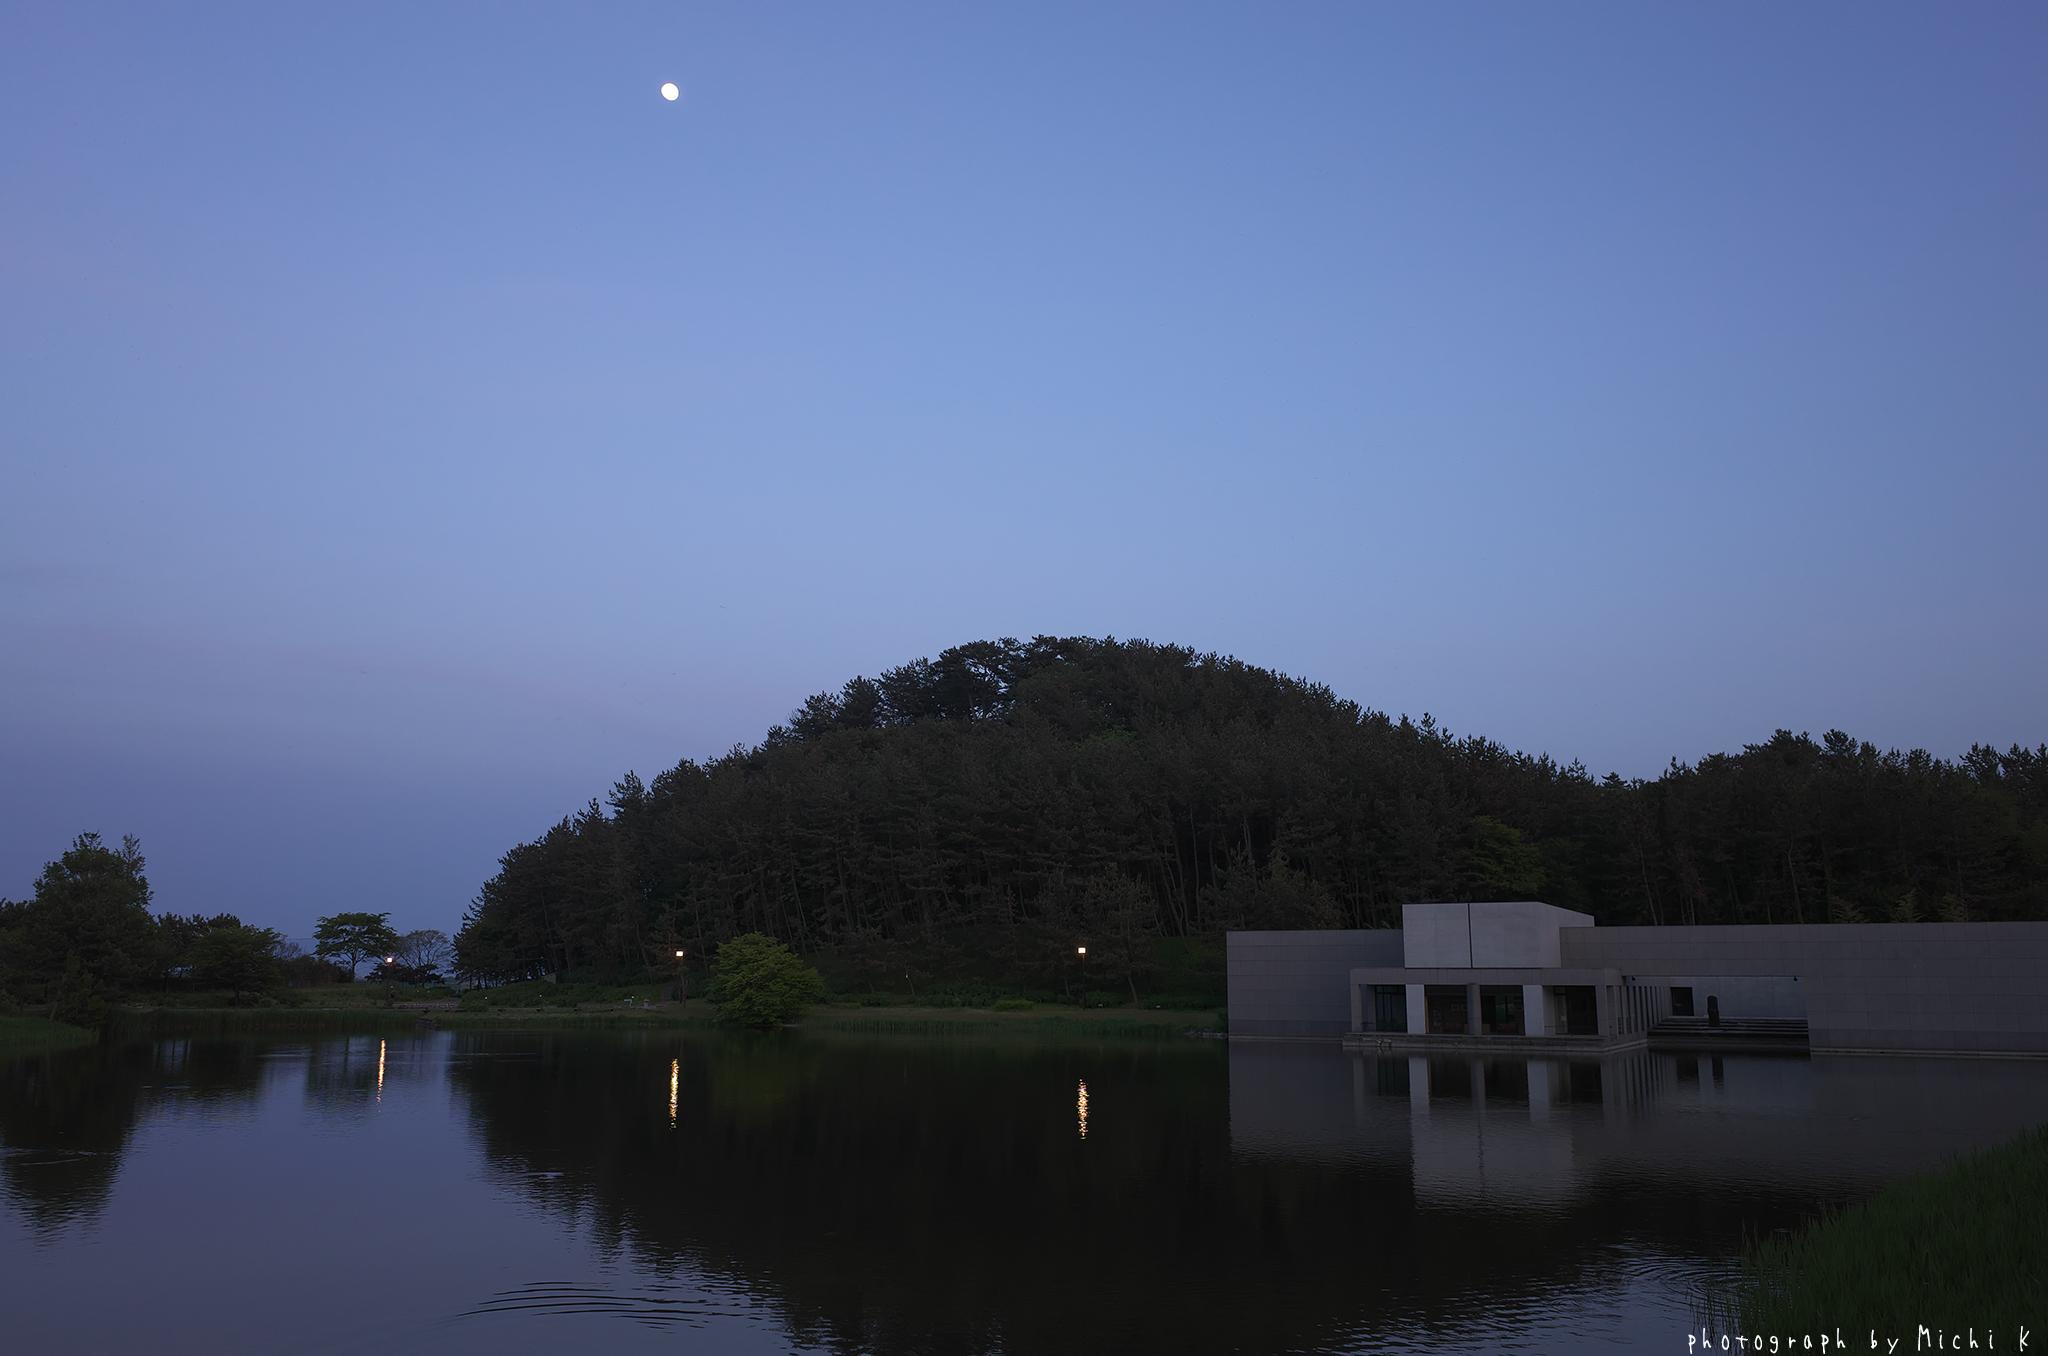 土門拳記念館2019-5-16日没後(写真その4)